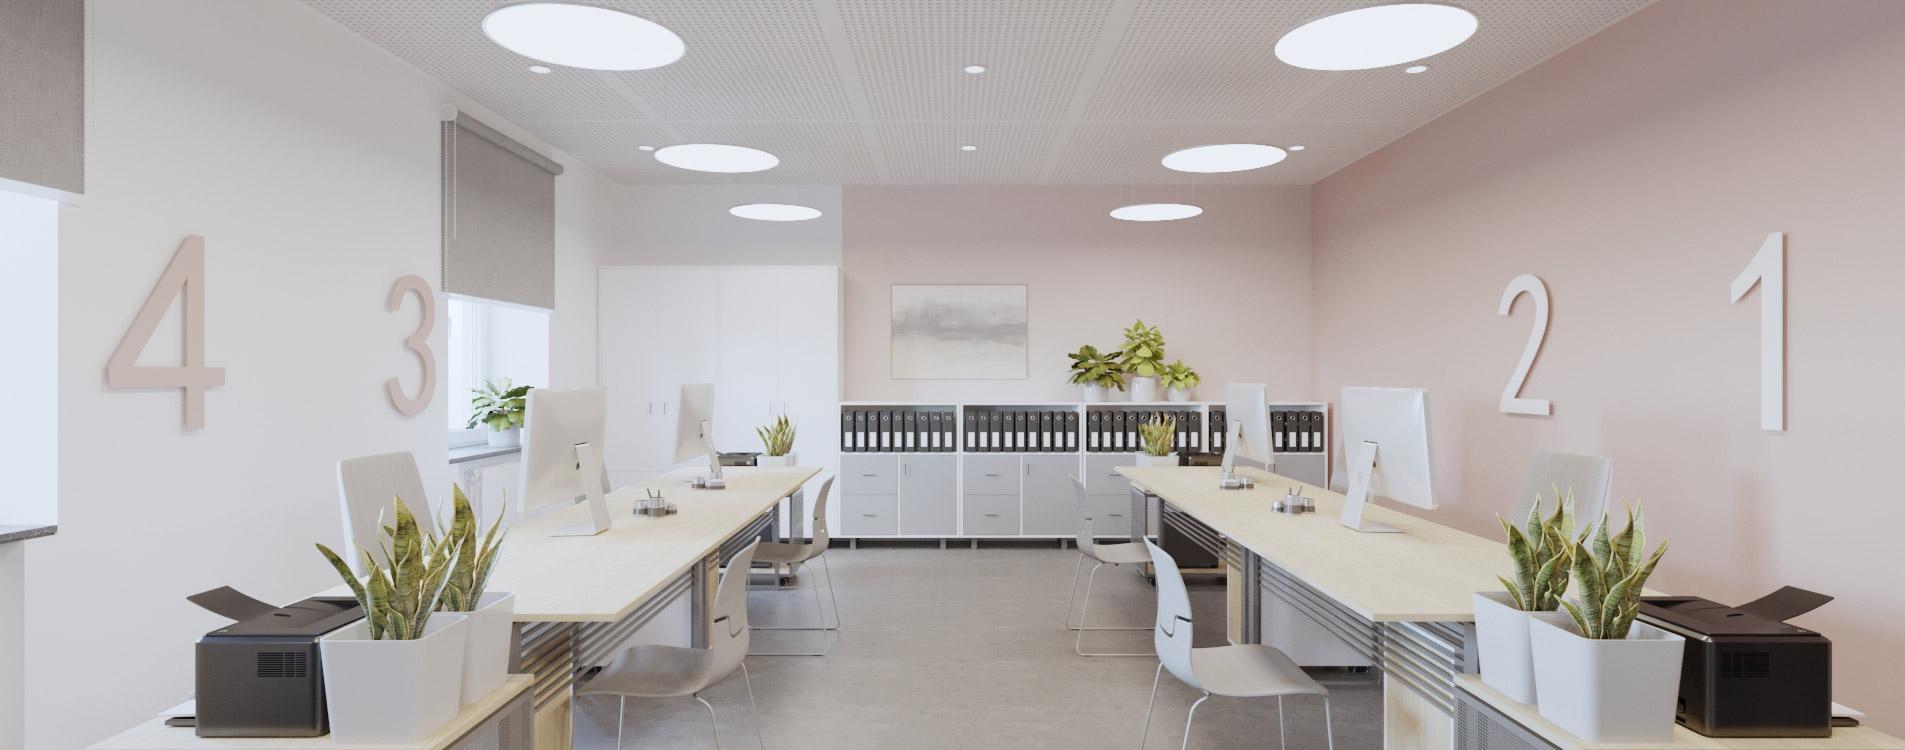 zbauer-architects-20201301-meghradzor-citizen-office-01-banner-1-compressed